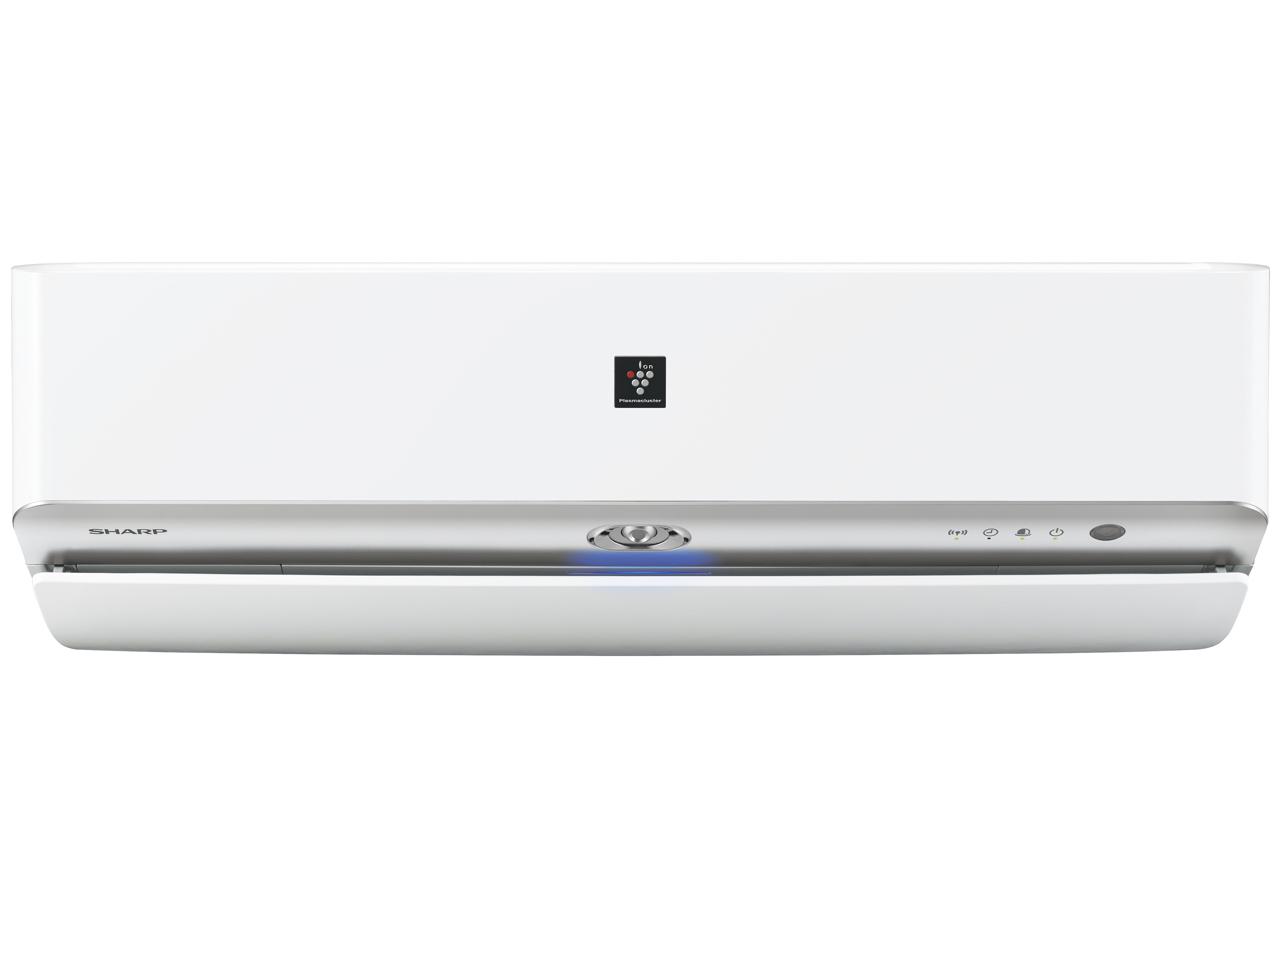 シャープ 19年度モデルH-Xシリーズ AY-J22X-W【高濃度プラズマクラスター搭載】冷暖房タイプ6畳用エアコン